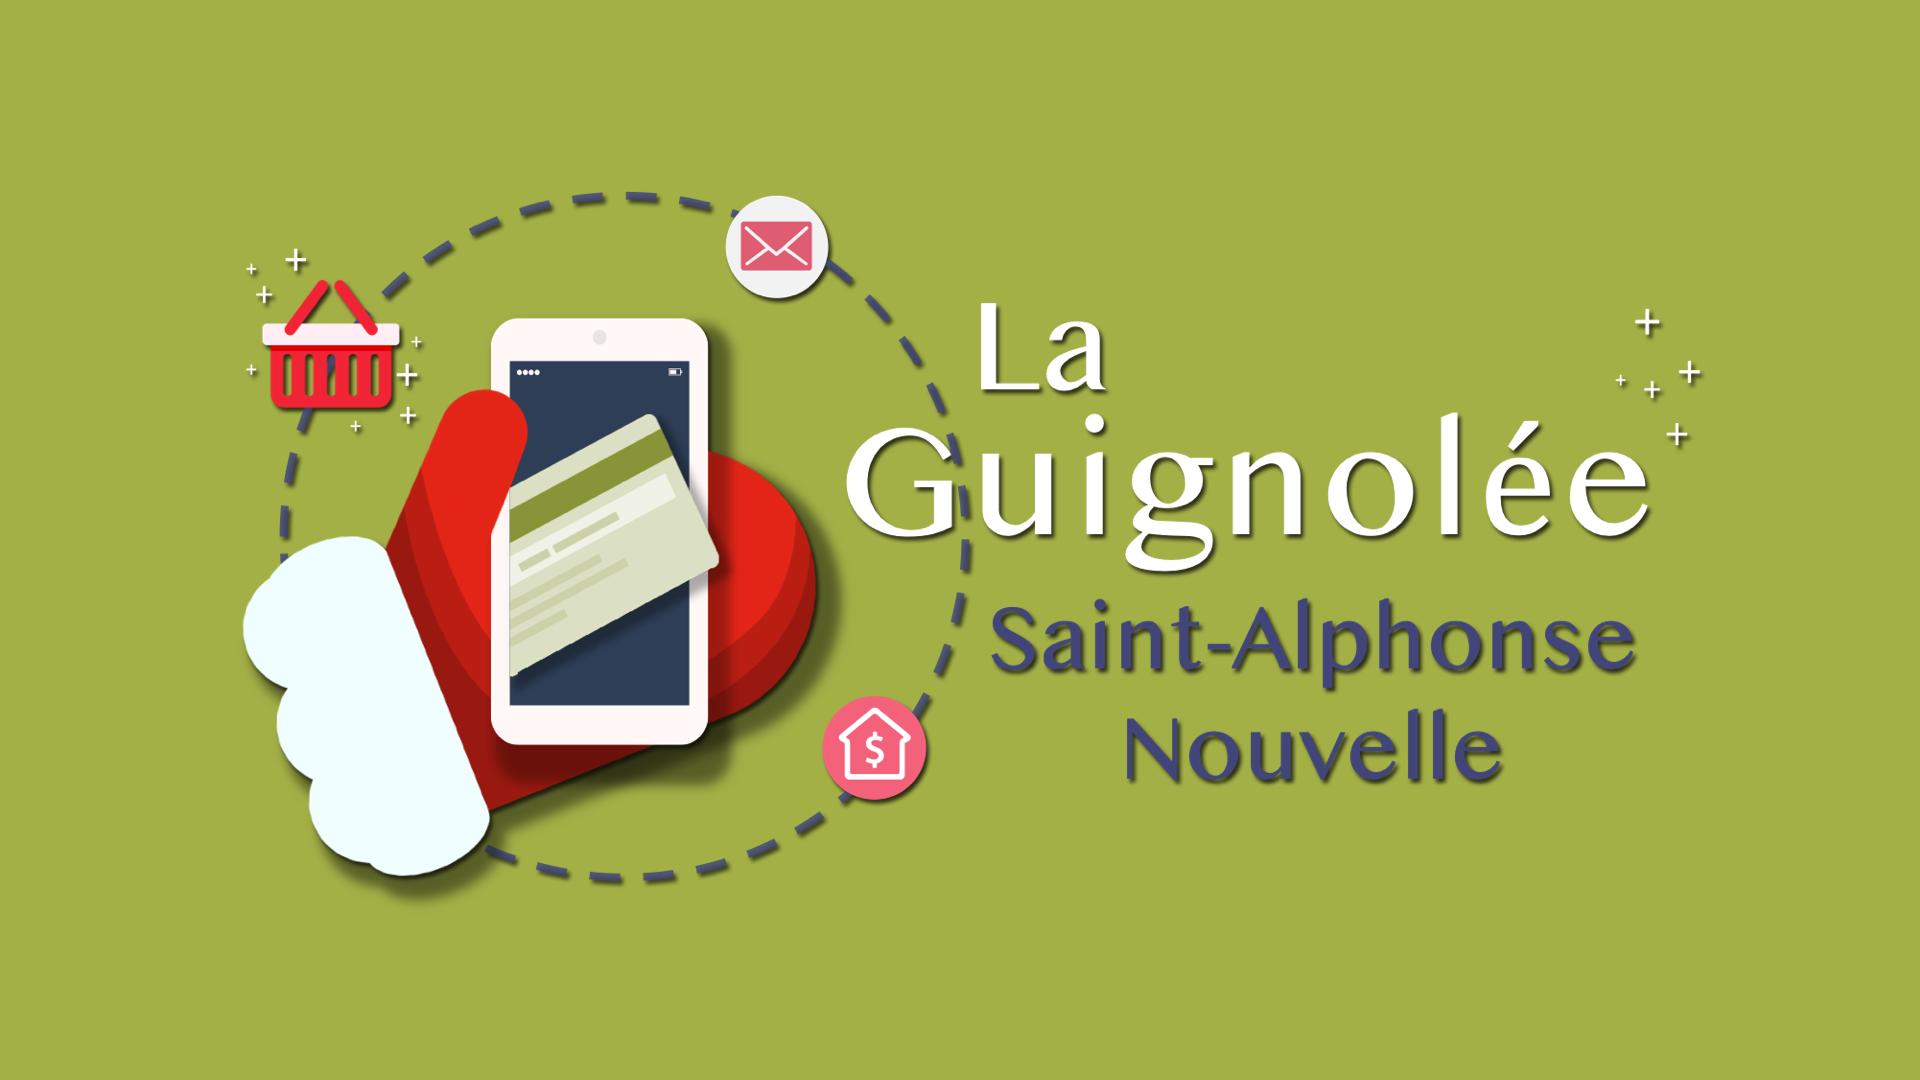 La Guignolée Saint-Alphonse - Nouvelle